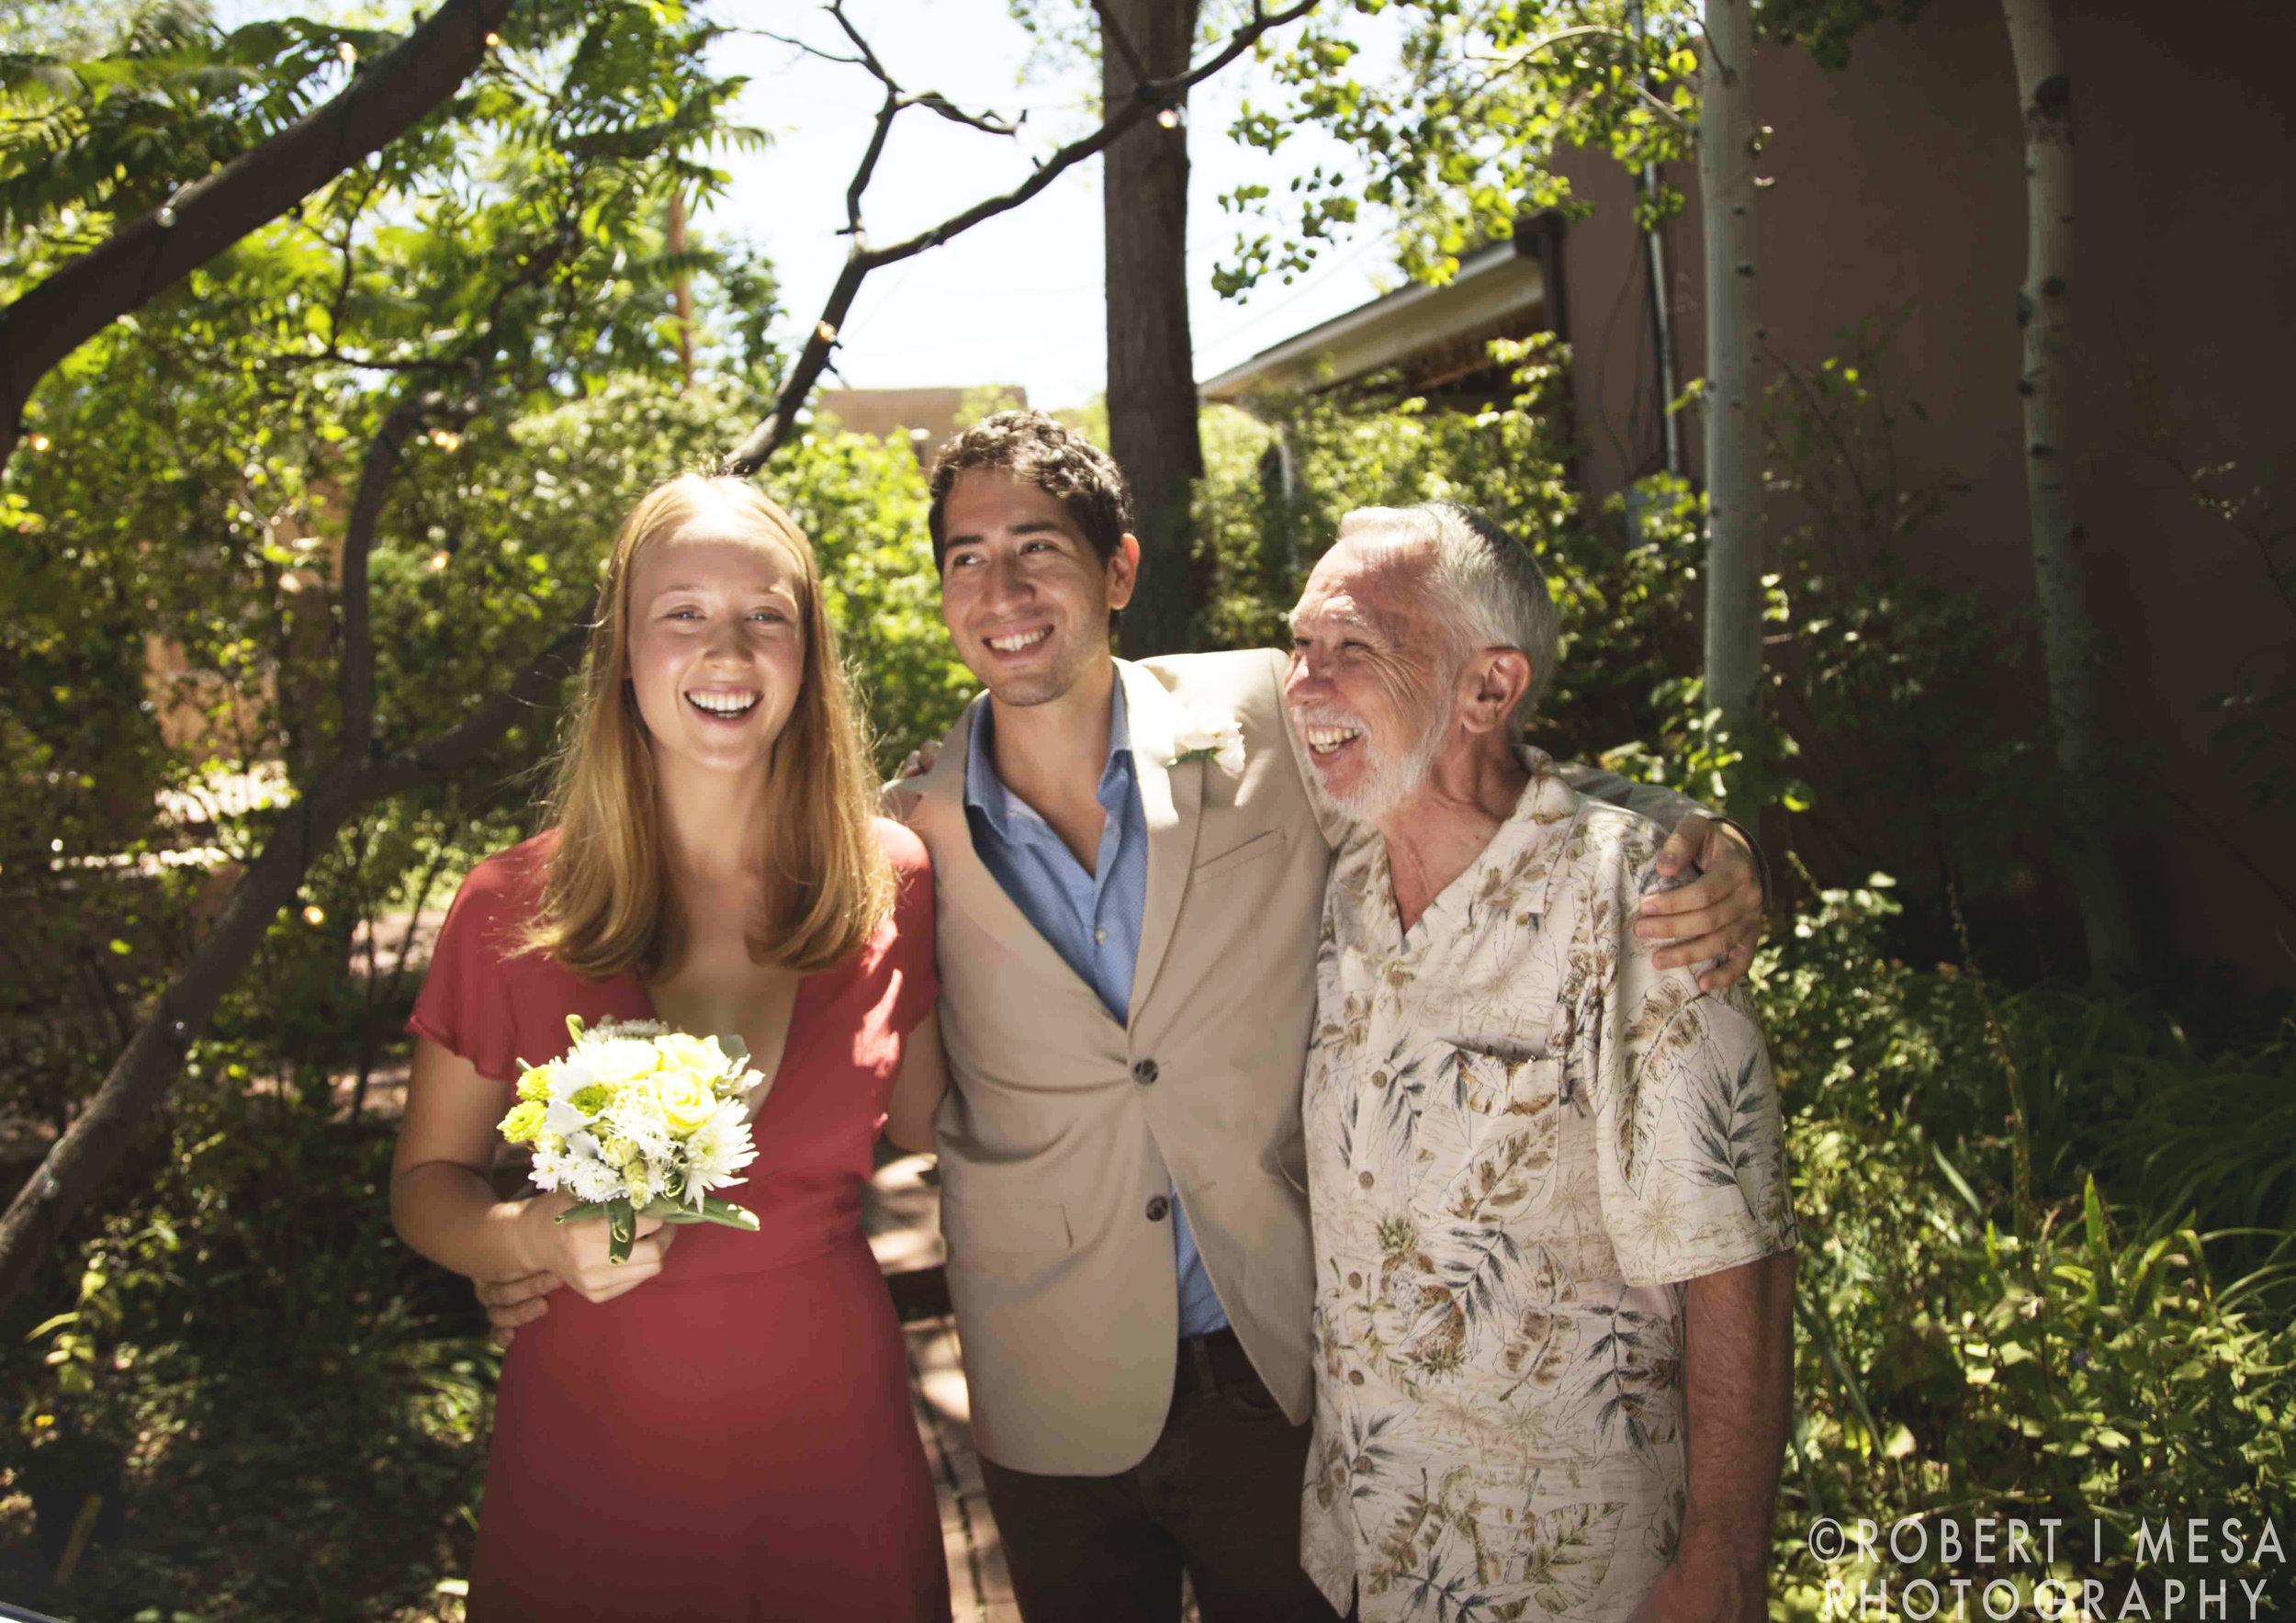 BALWIT_WEDDING-ROBERTIMESA-2015_111 copy.jpg